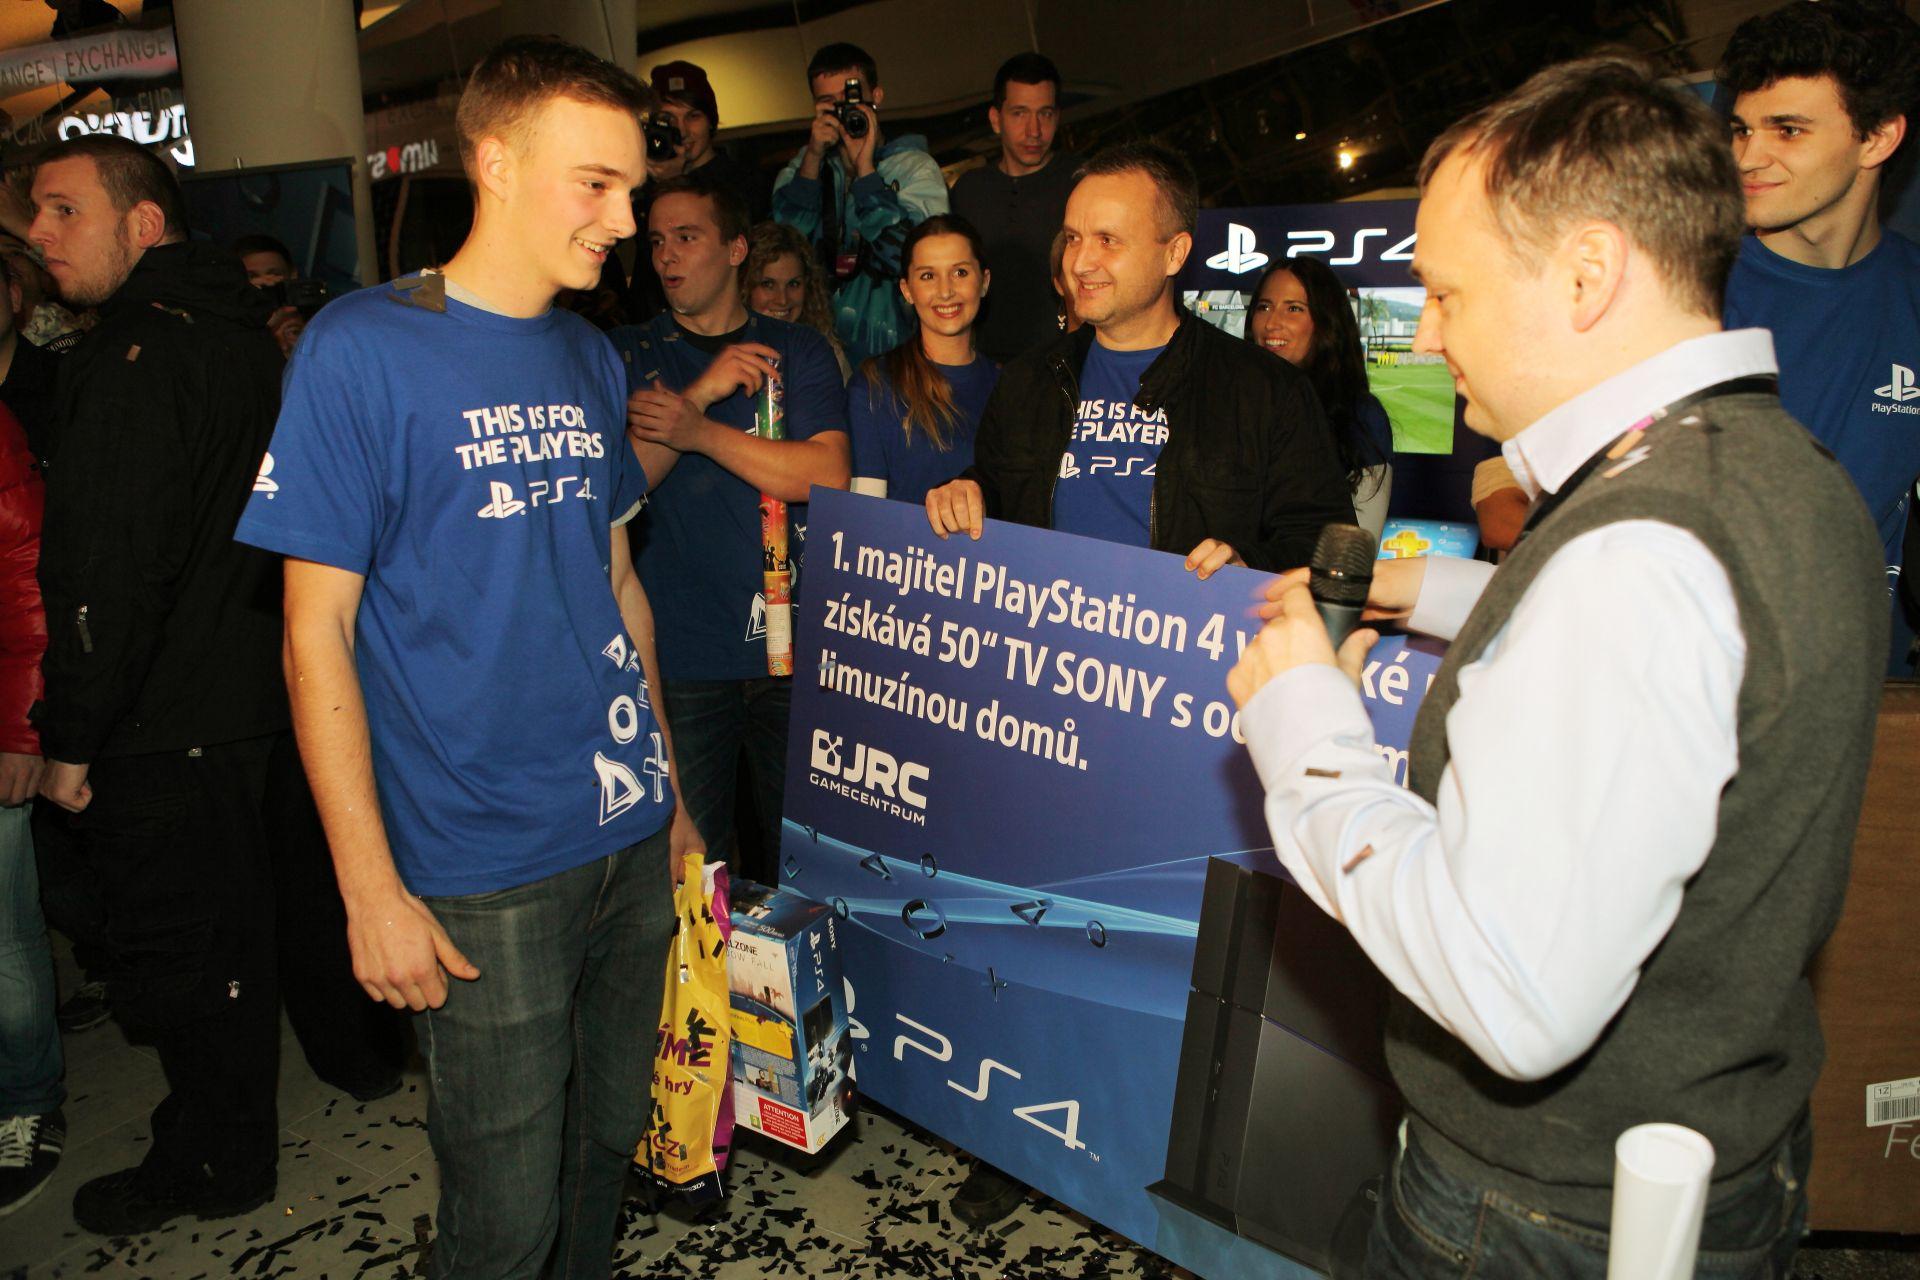 Fotky z půlnočního prodeje PS4 v Praze a Bratislavě 90901